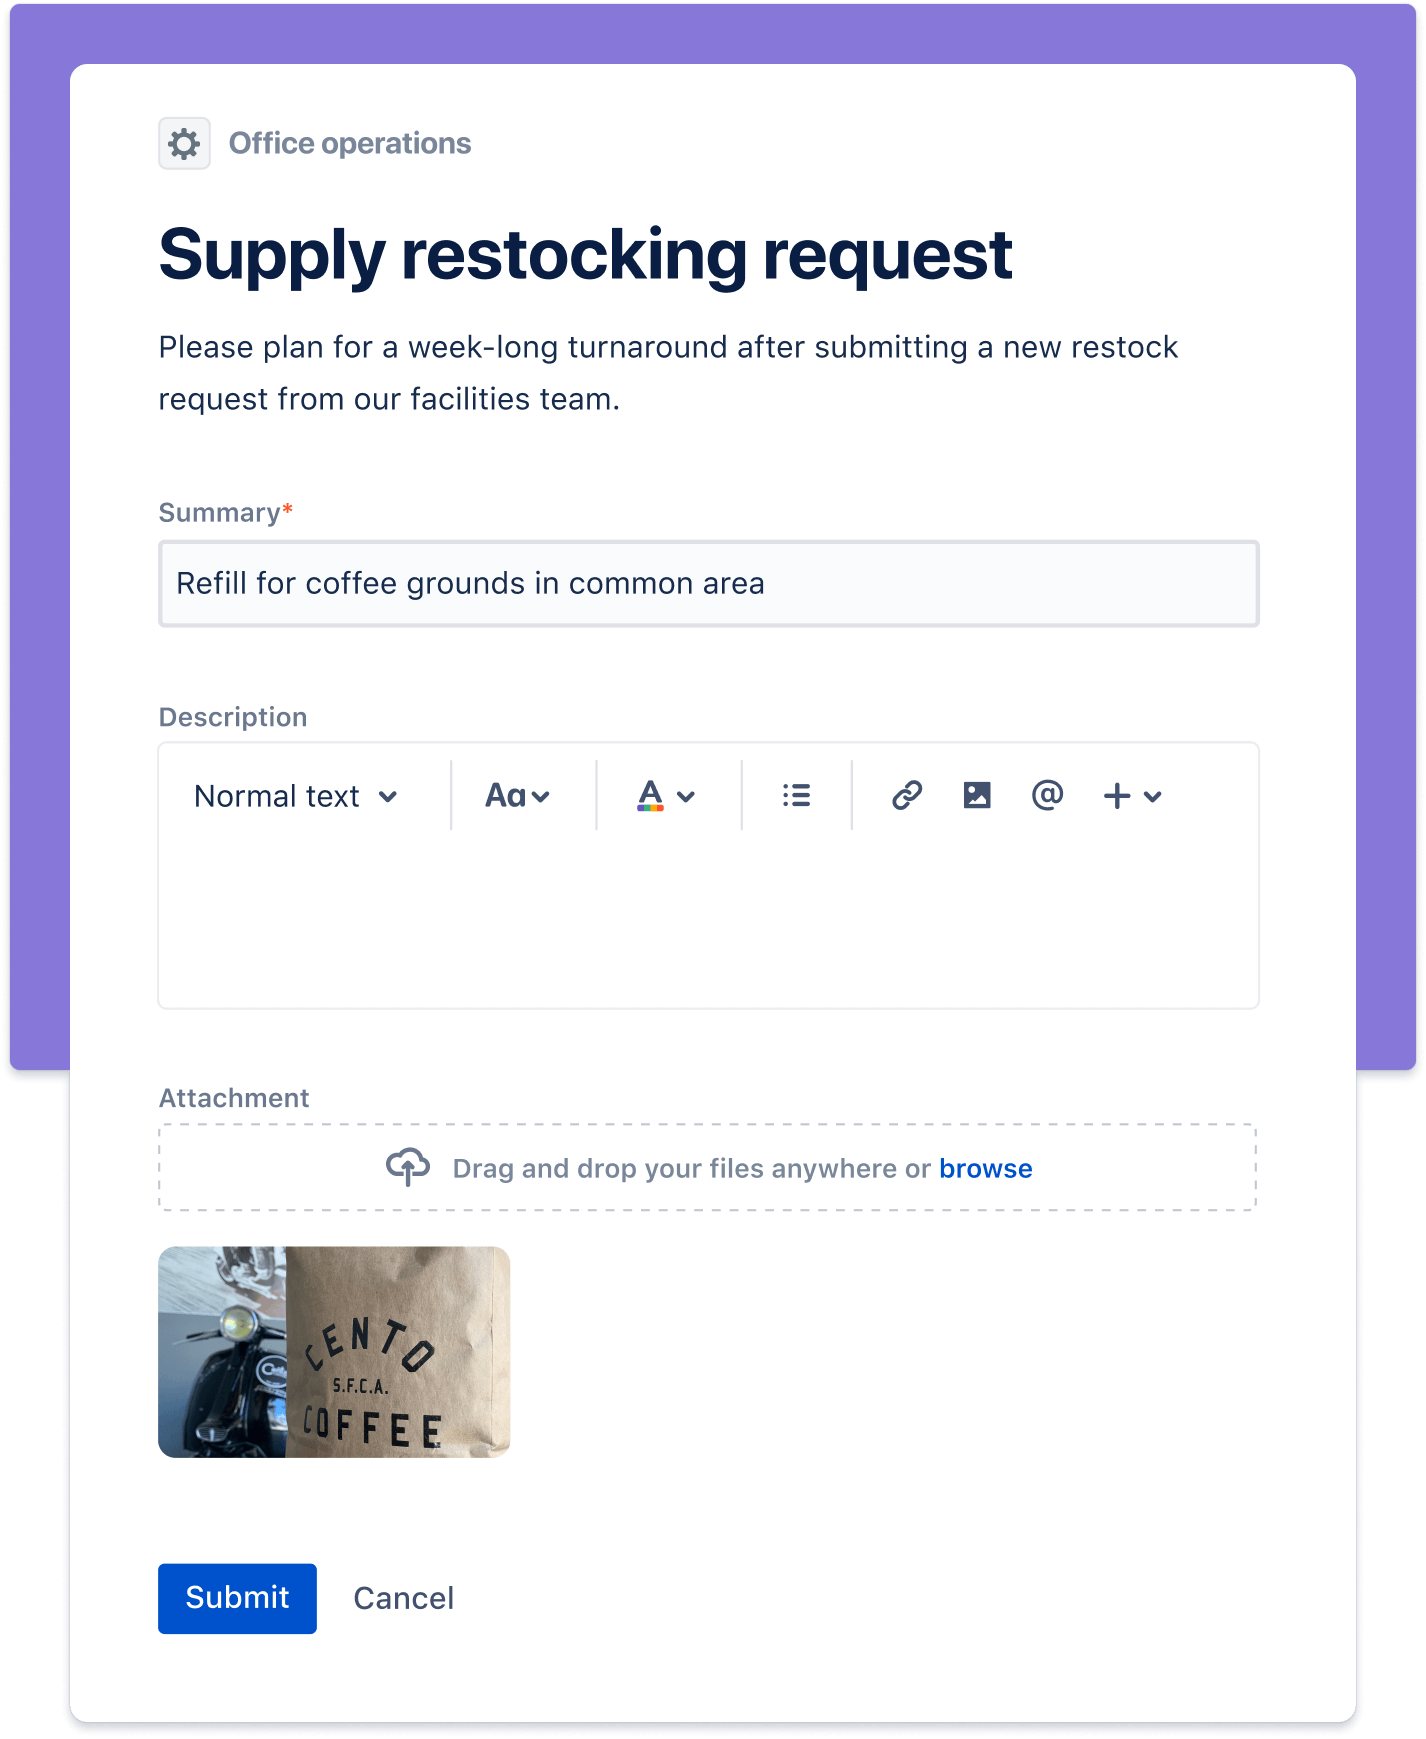 Captura de pantalla de una solicitud de reabastecimiento de materiales